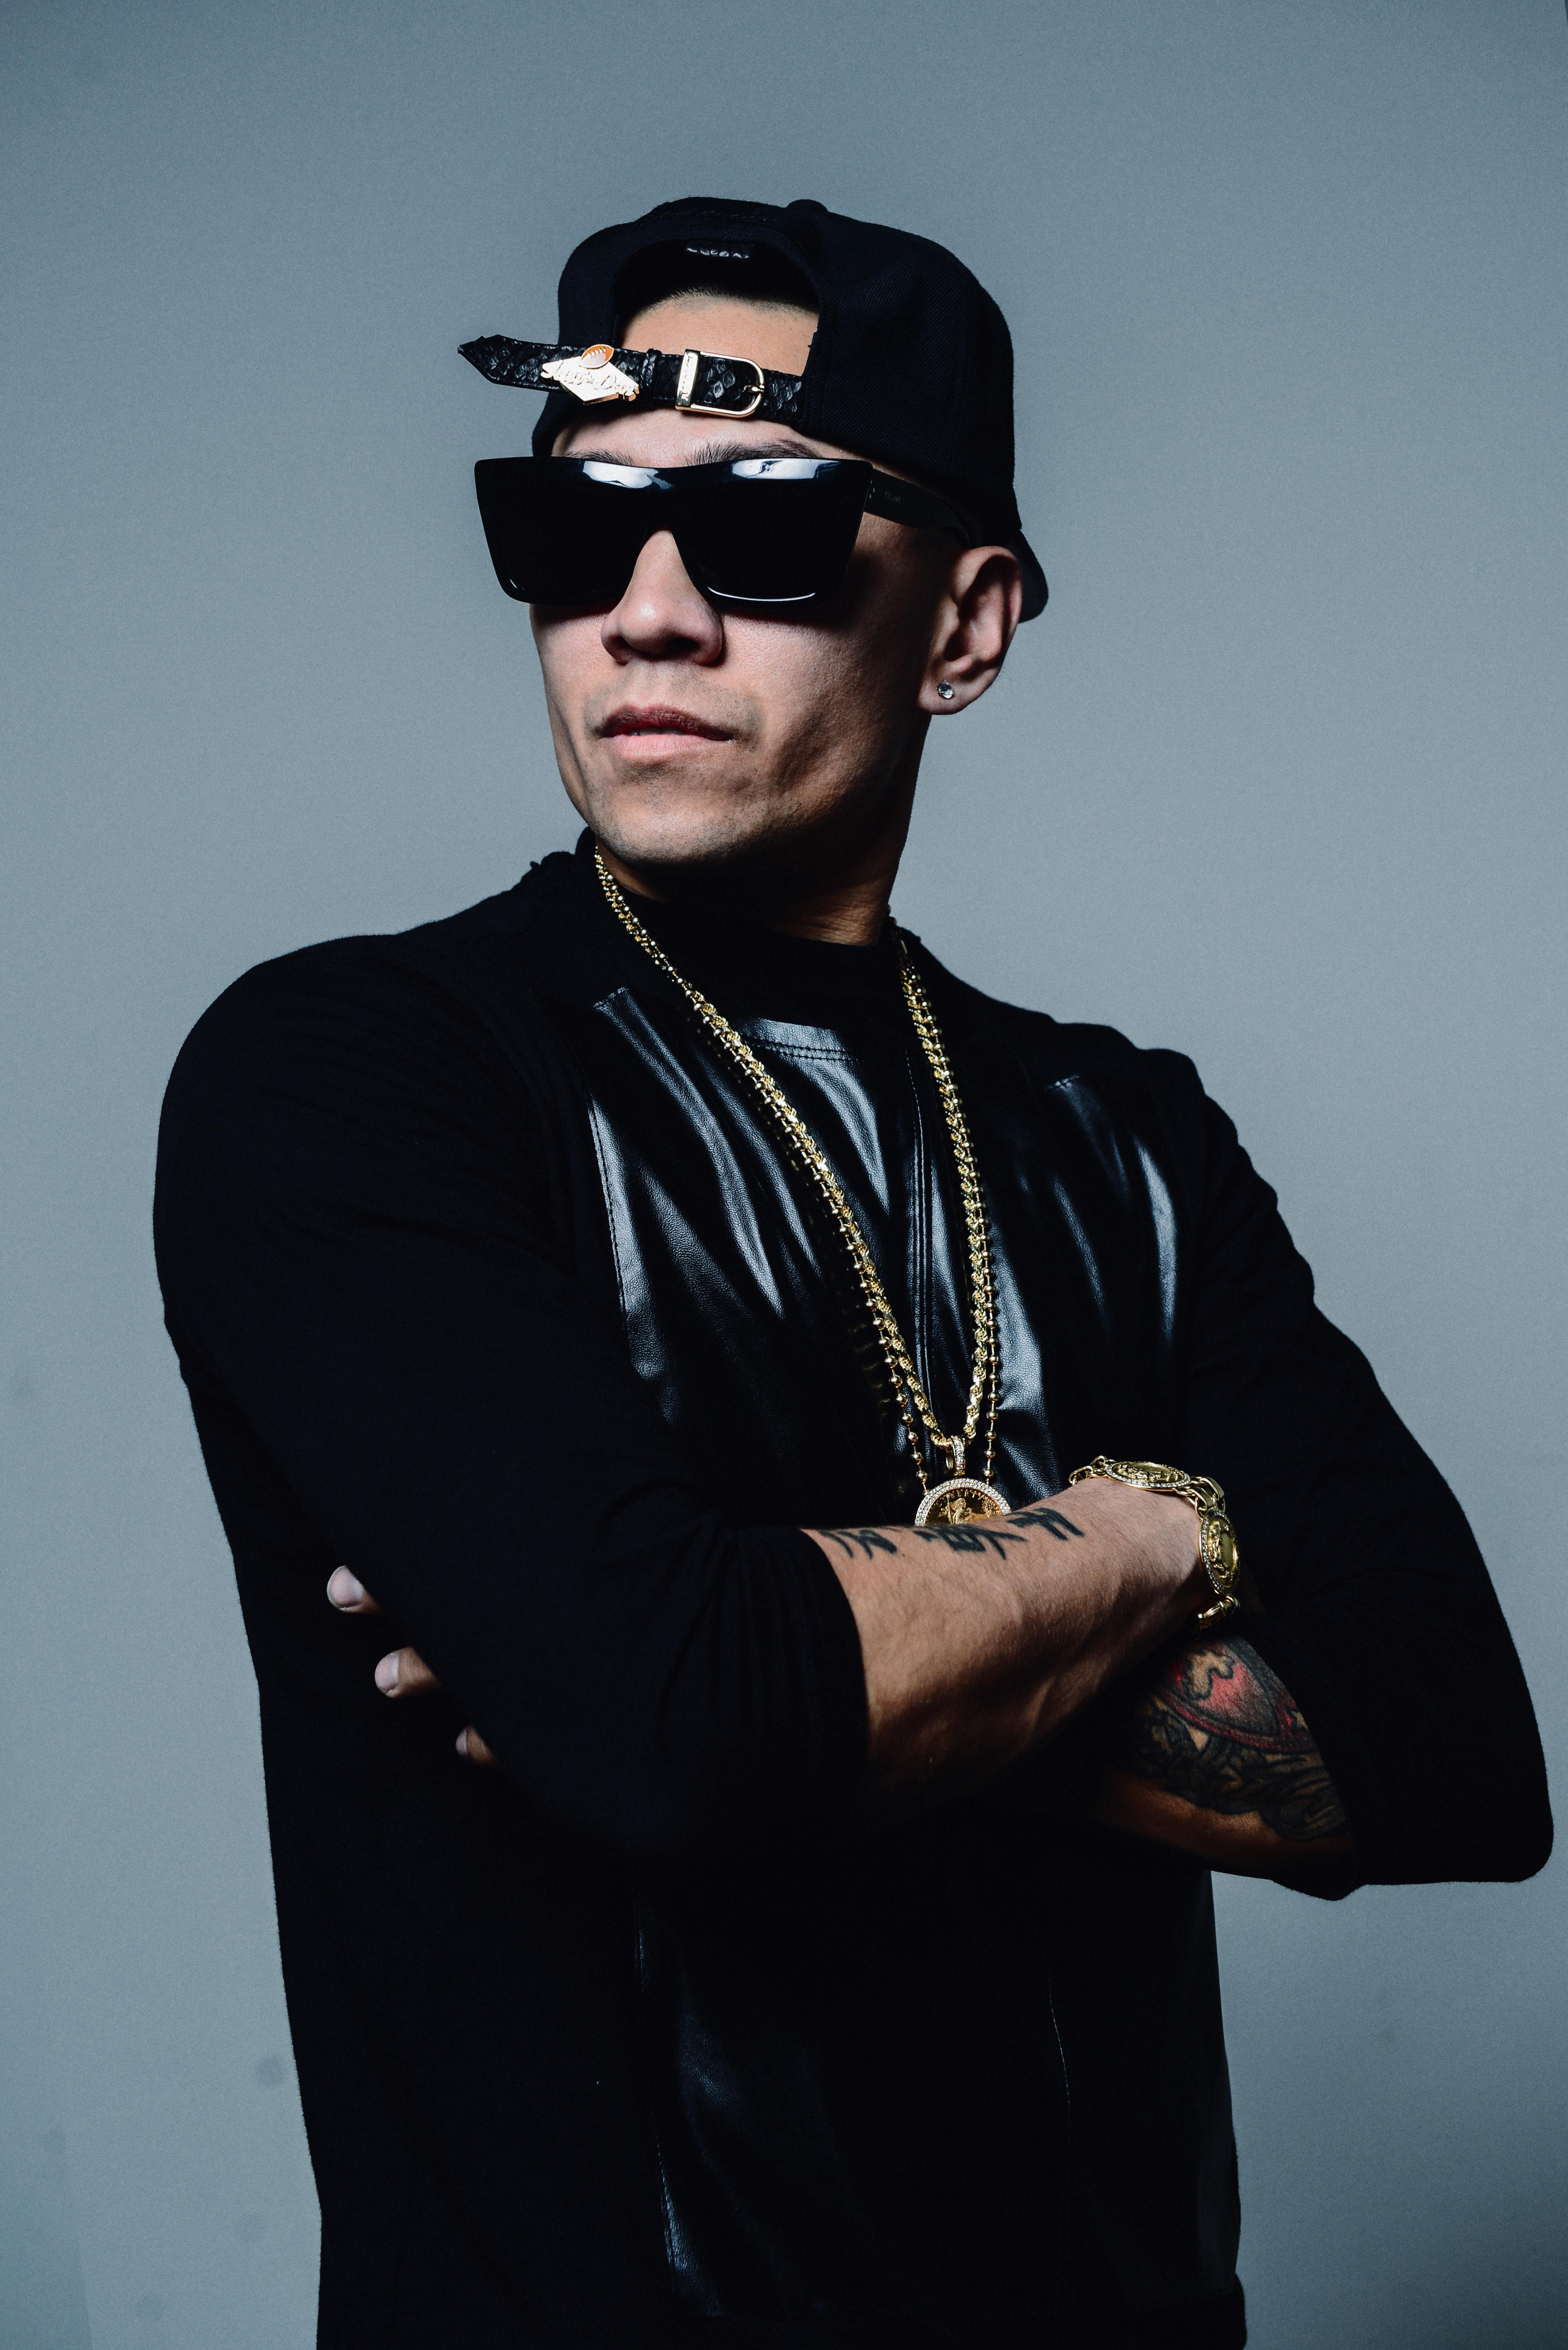 Taboo, The Black Eyed Peas - The Podium Lounge Headline Artist